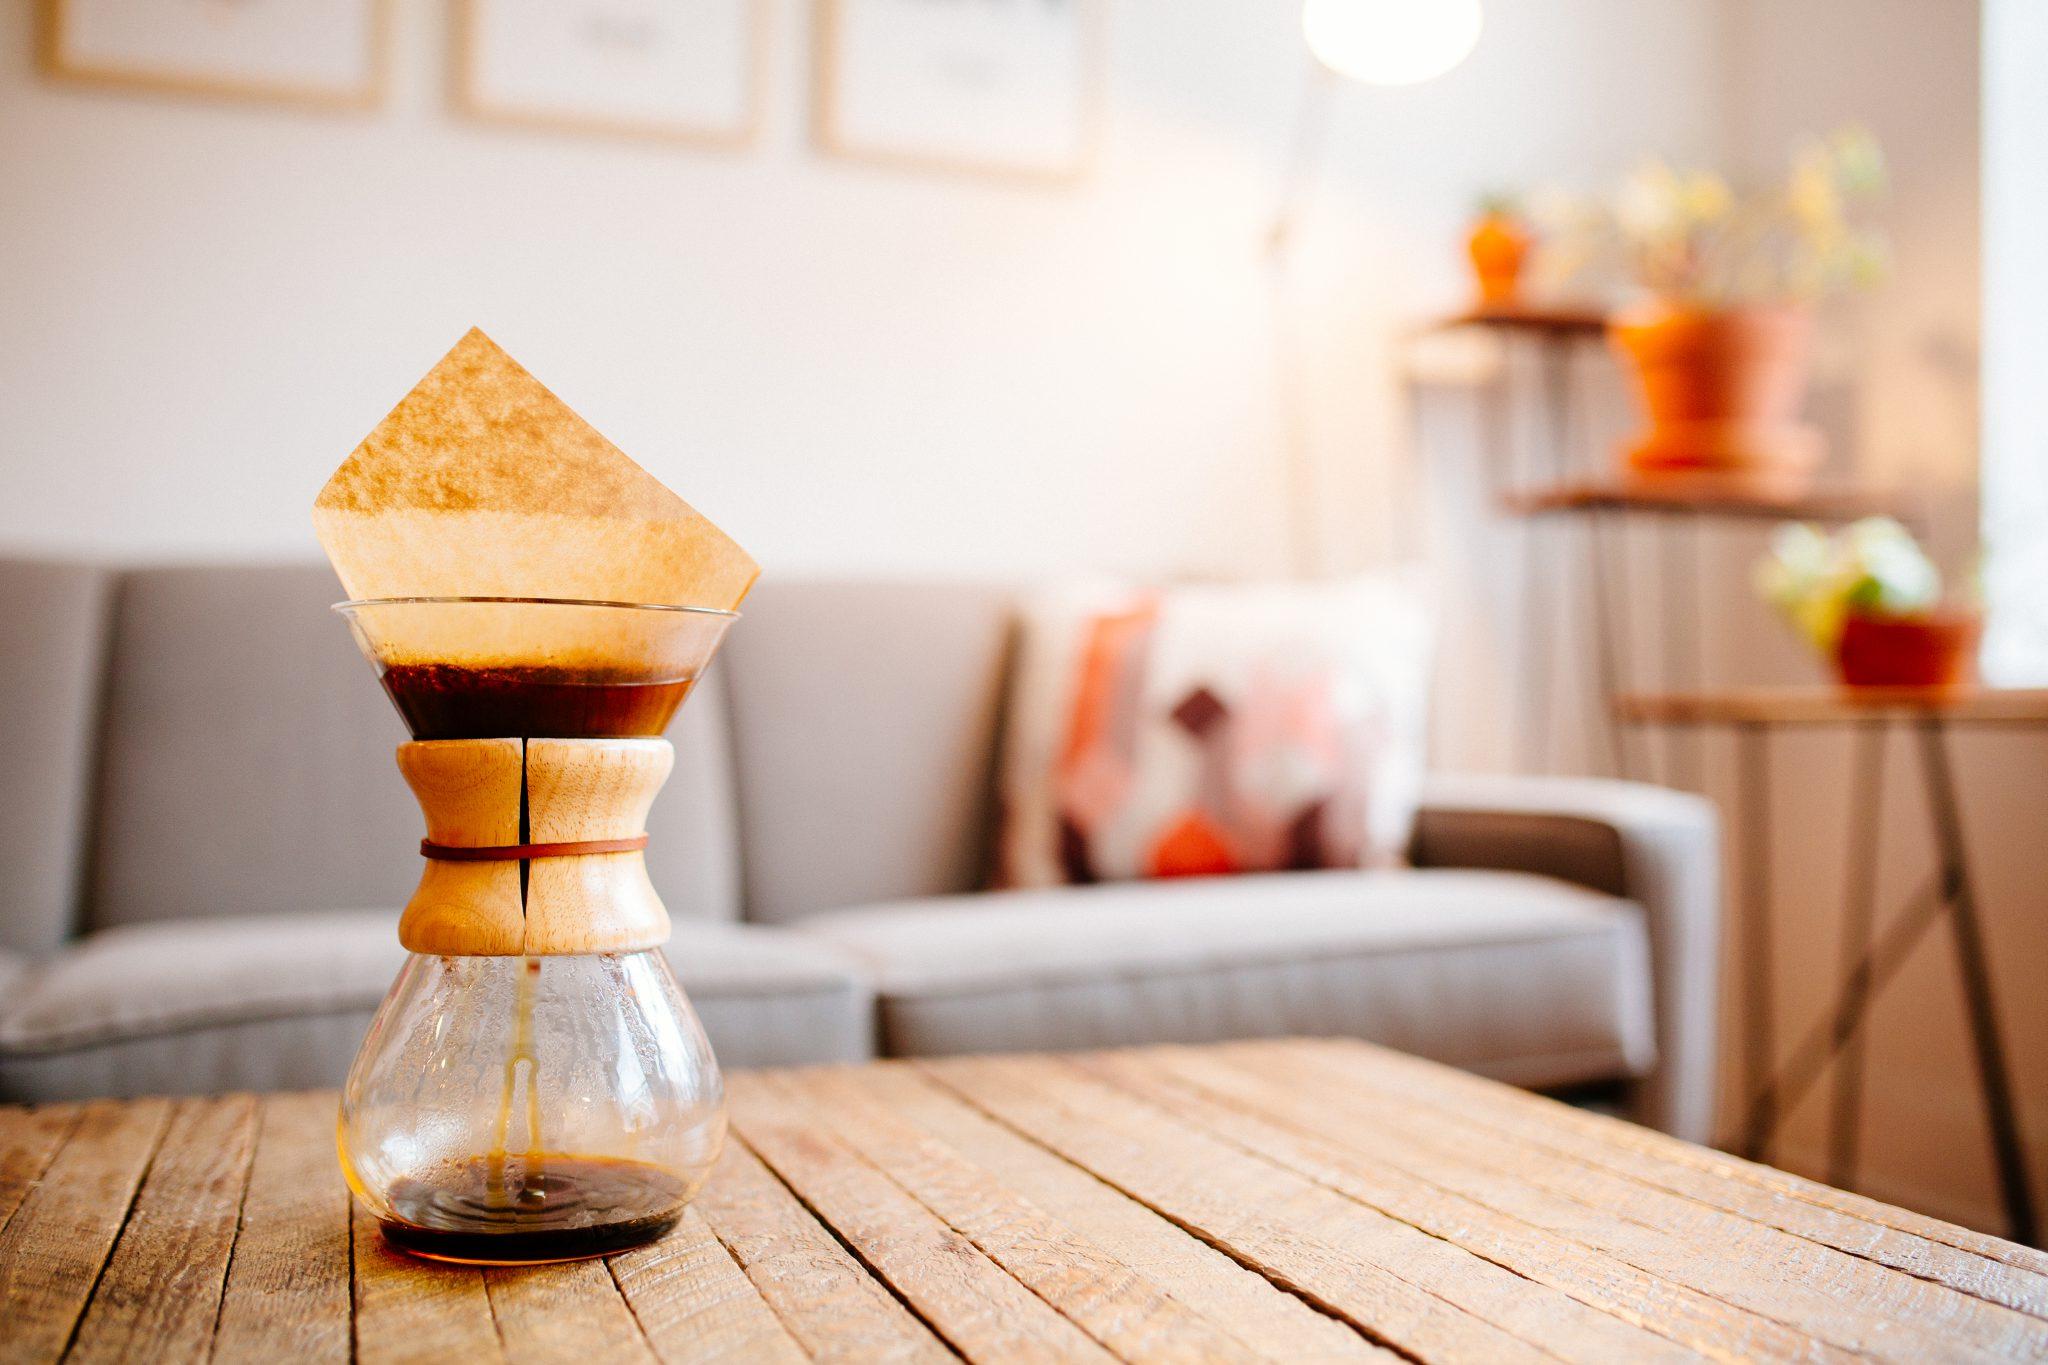 Filterkaffee in einer mechanischen Kaffeemaschine